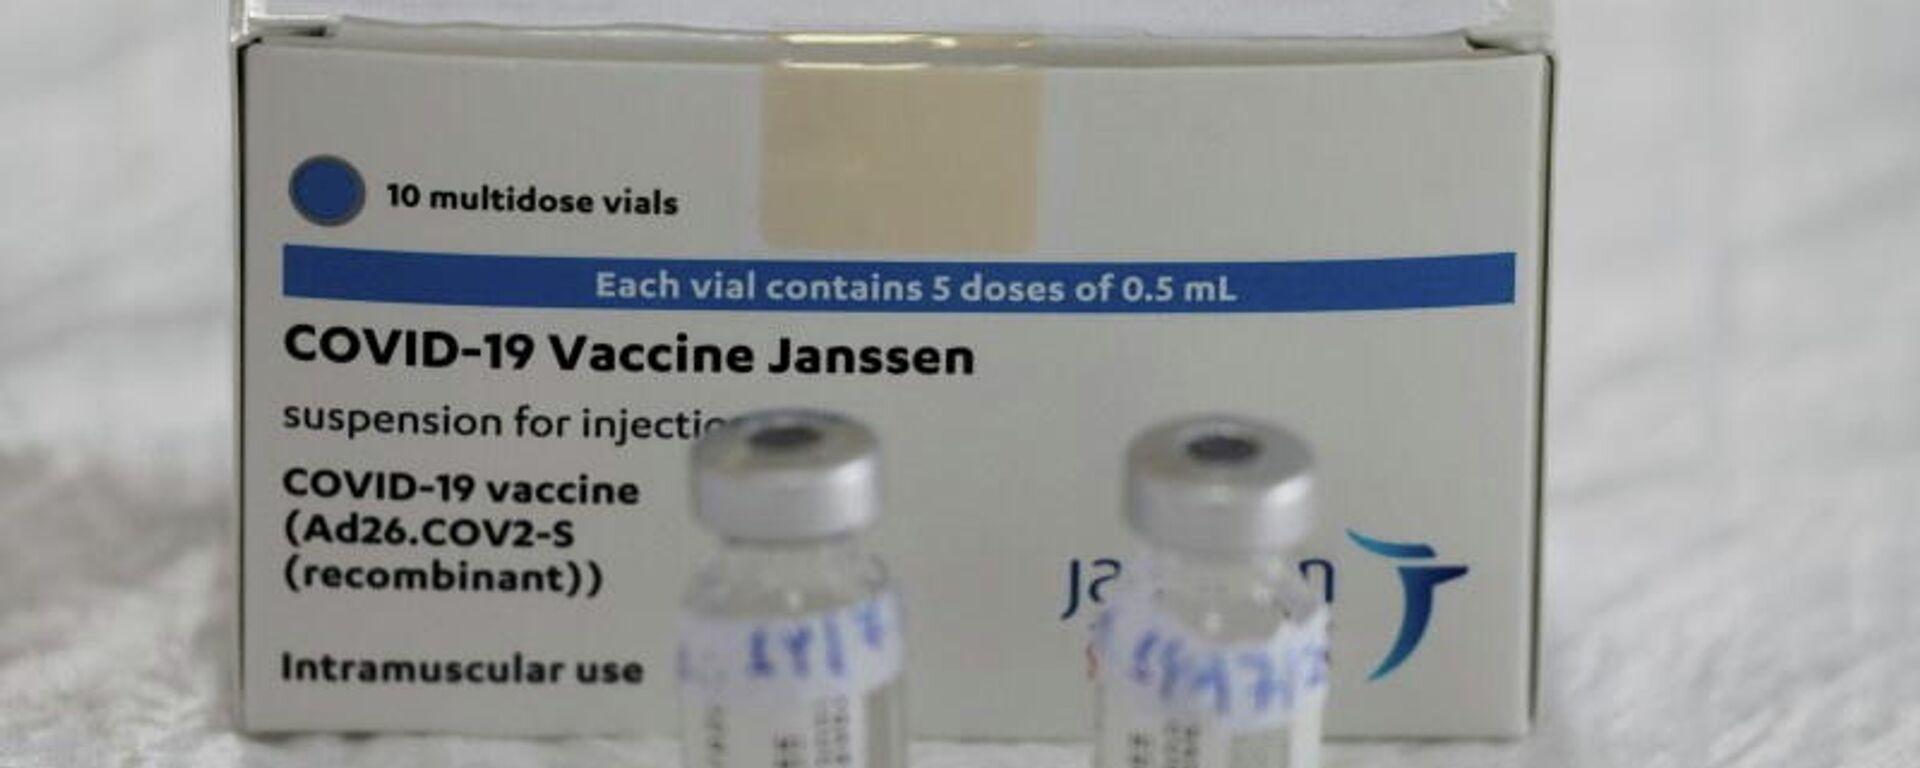 Vacuna contra el COVID-19 elaborada por el laboratorio Johnson & Johnson - Sputnik Mundo, 1920, 09.07.2021